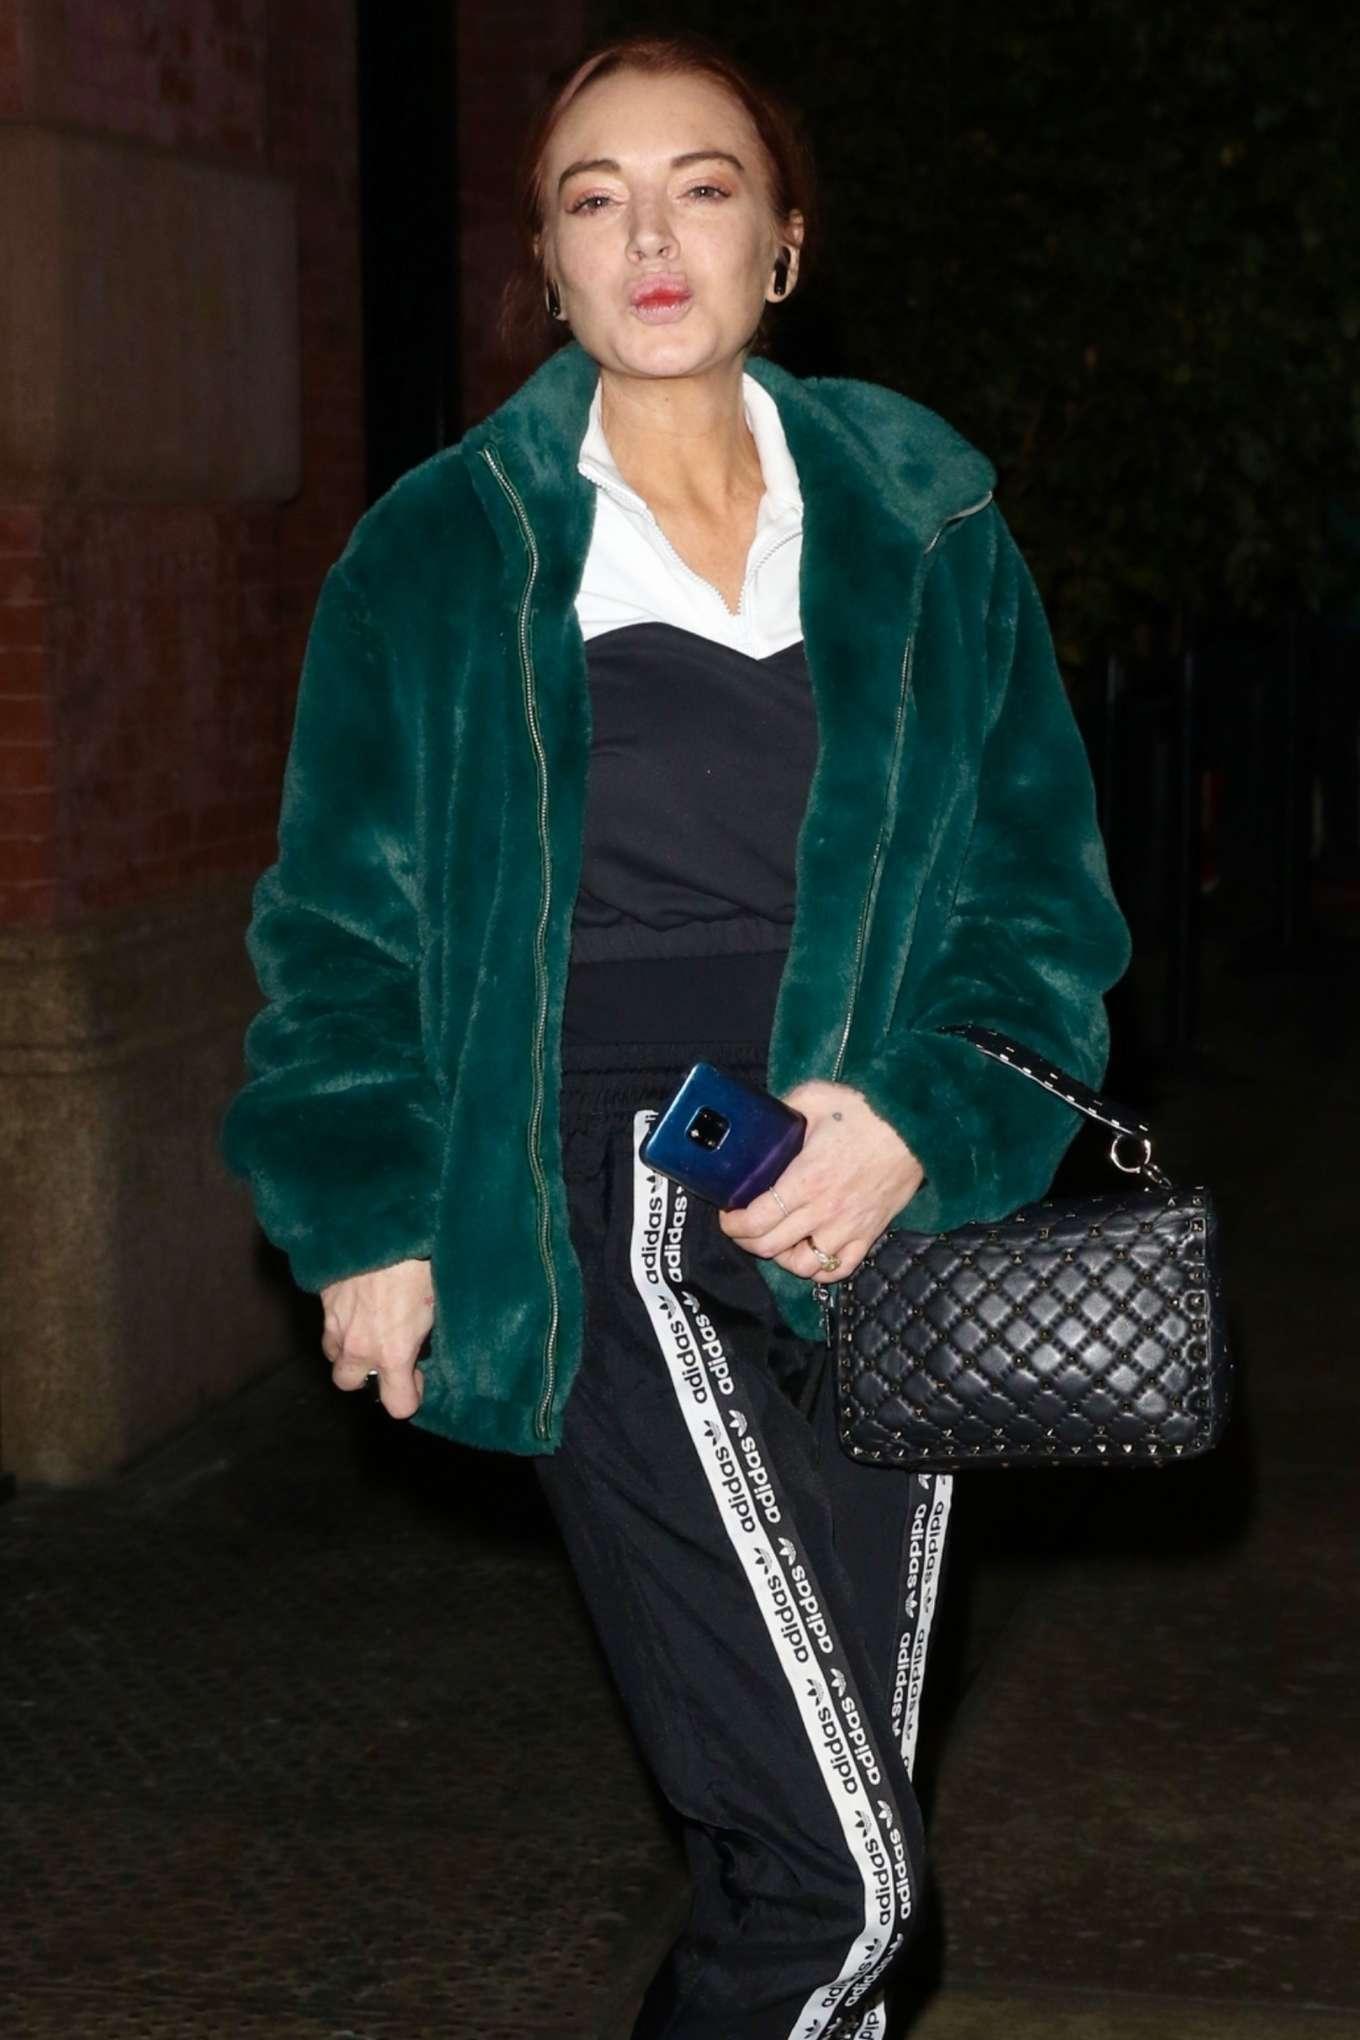 Lindsay Lohan - Leaving the Mercer Hotel in New York